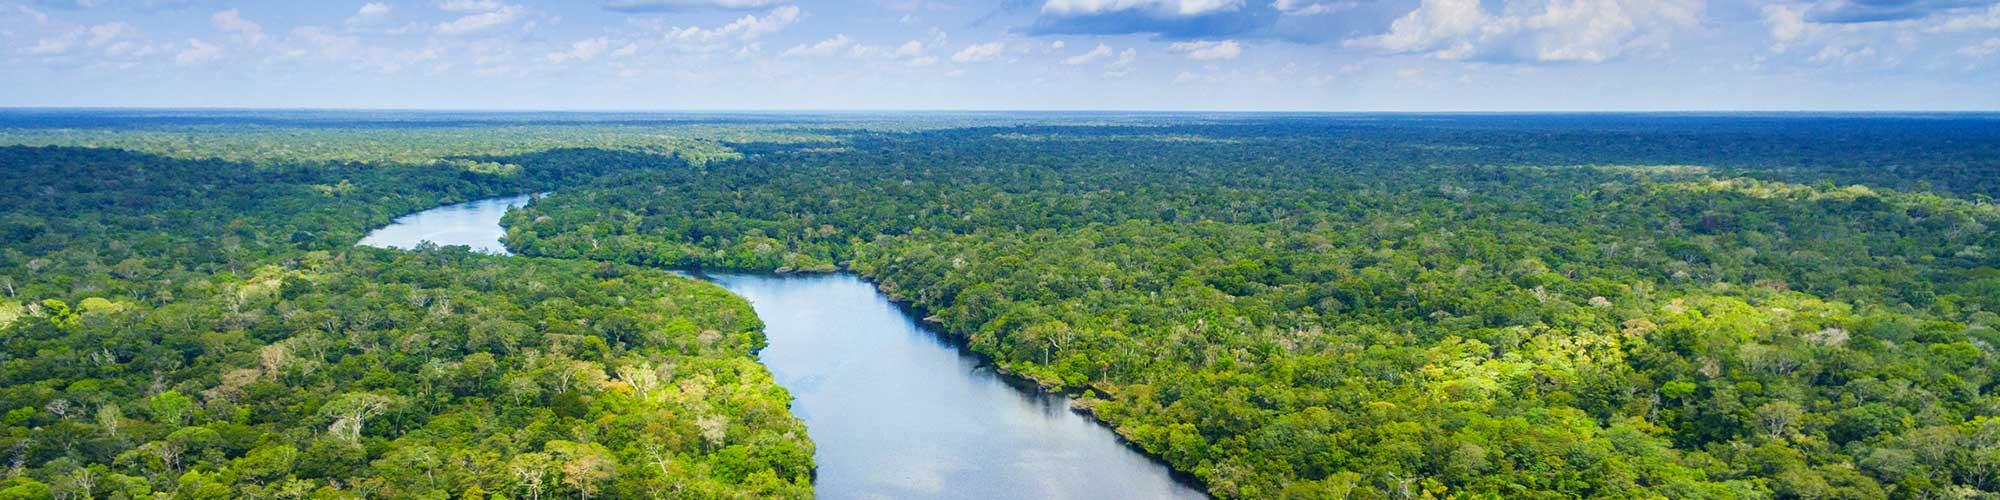 Brasil, un río de vida - El País Viajes